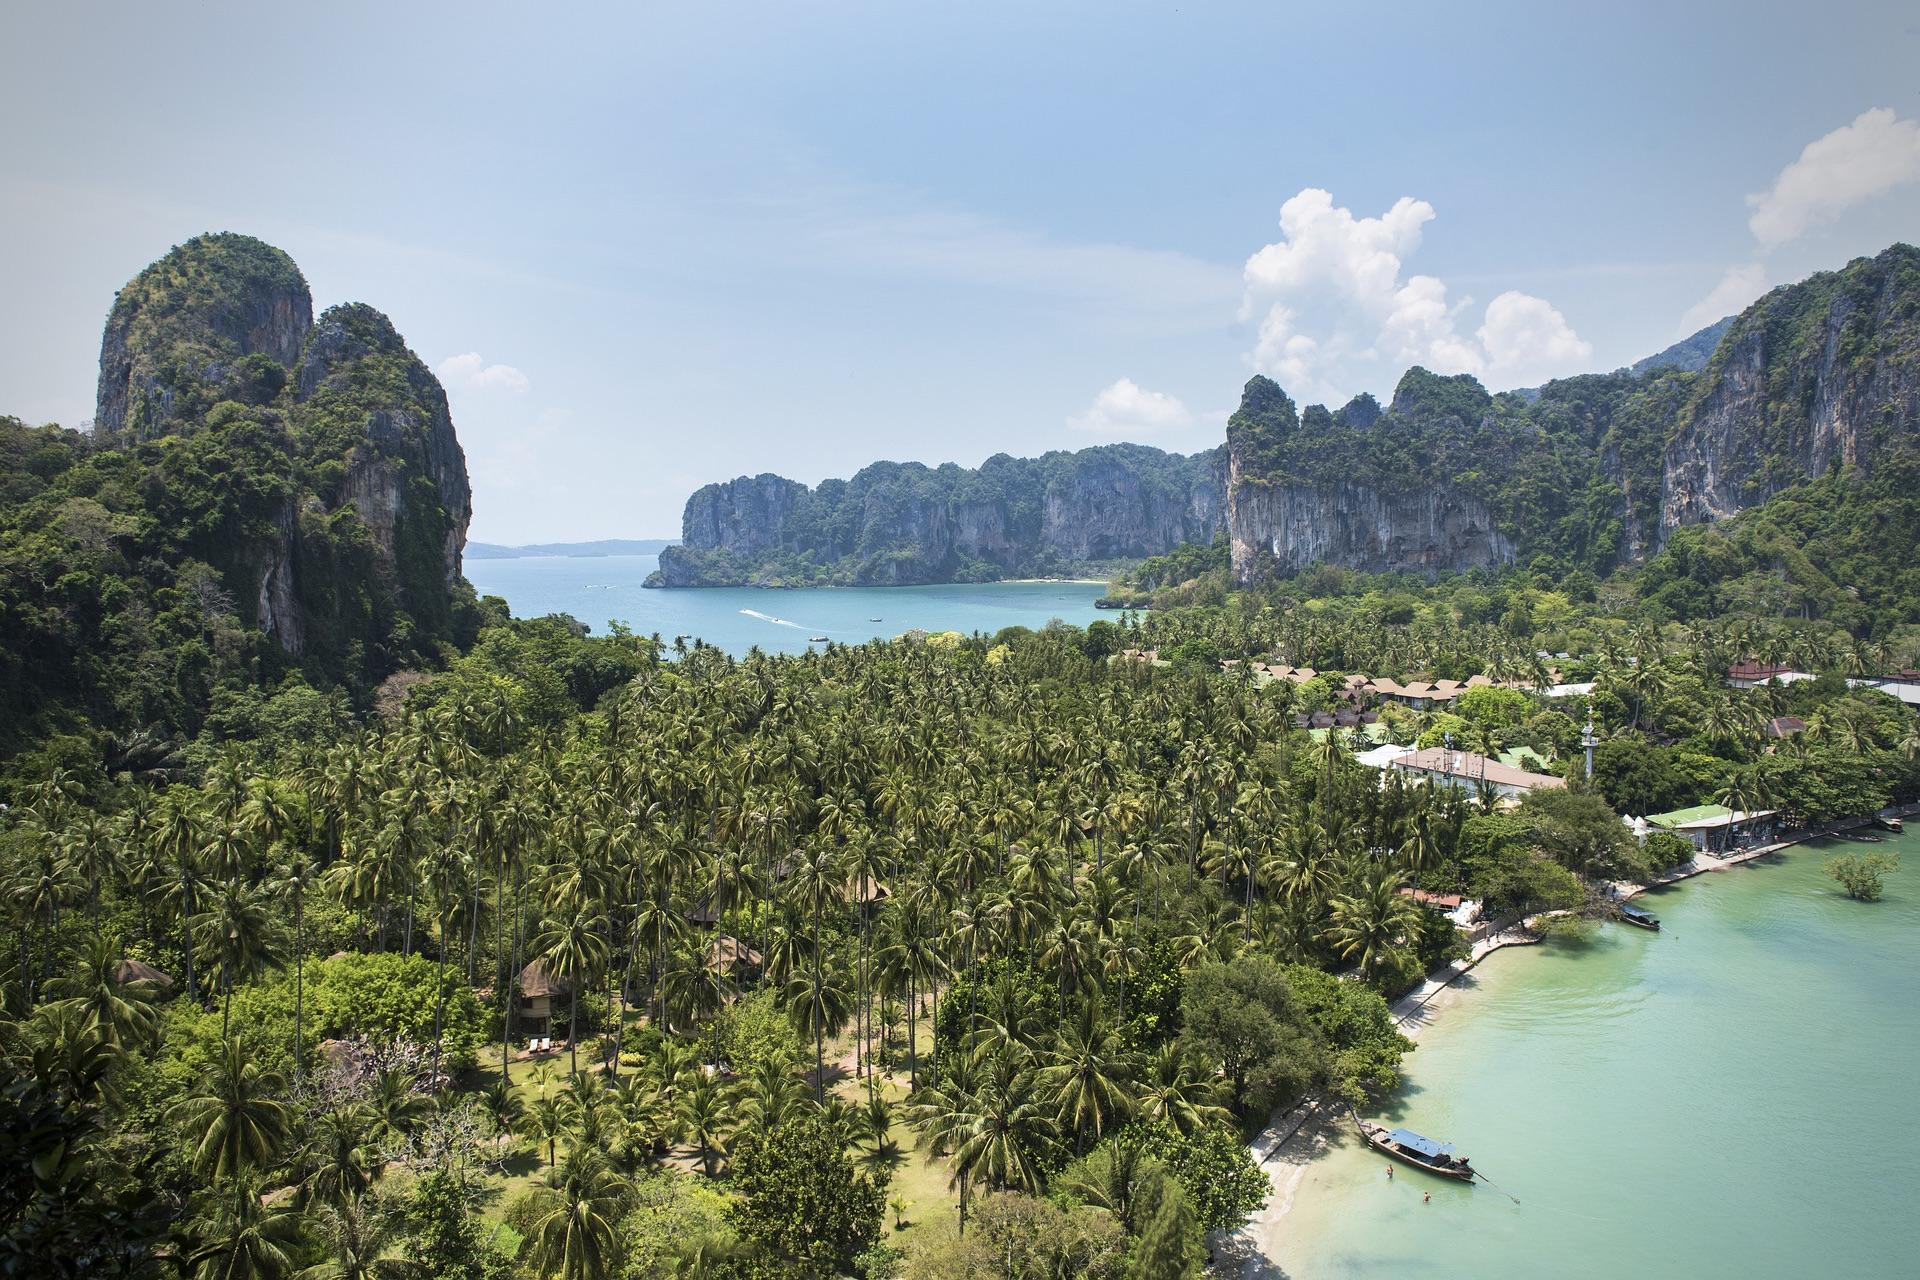 Railay Beach in Thailand ist ein beliebtes Januar-Reiseziel